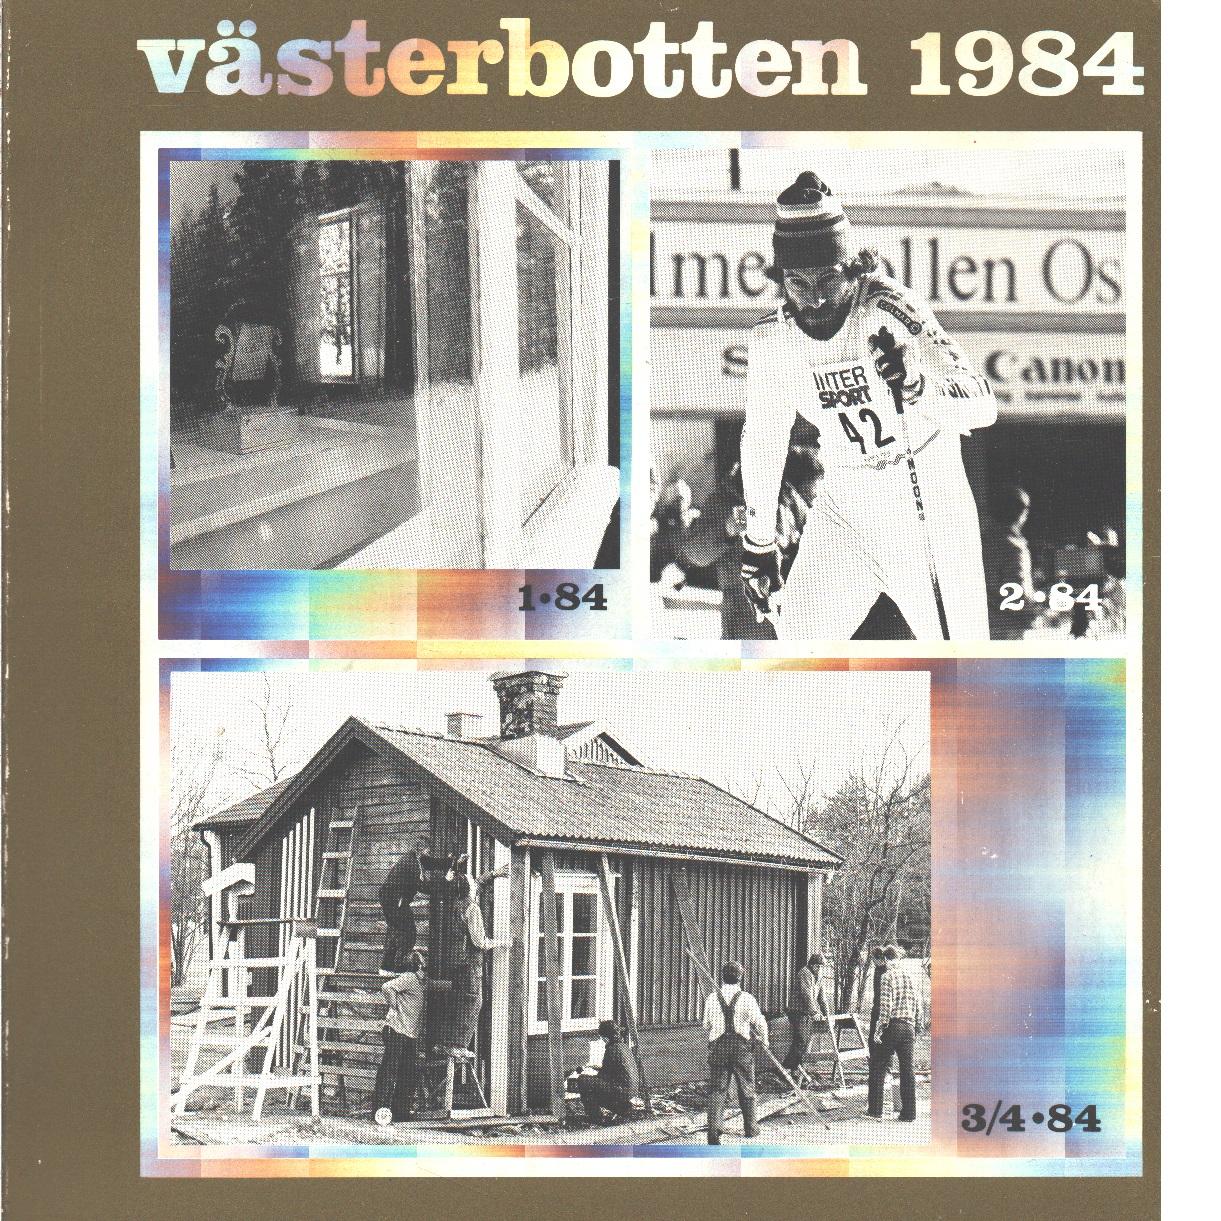 Västerbotten : Västerbottens läns hembygdsförenings årsbok 1984 - Red.